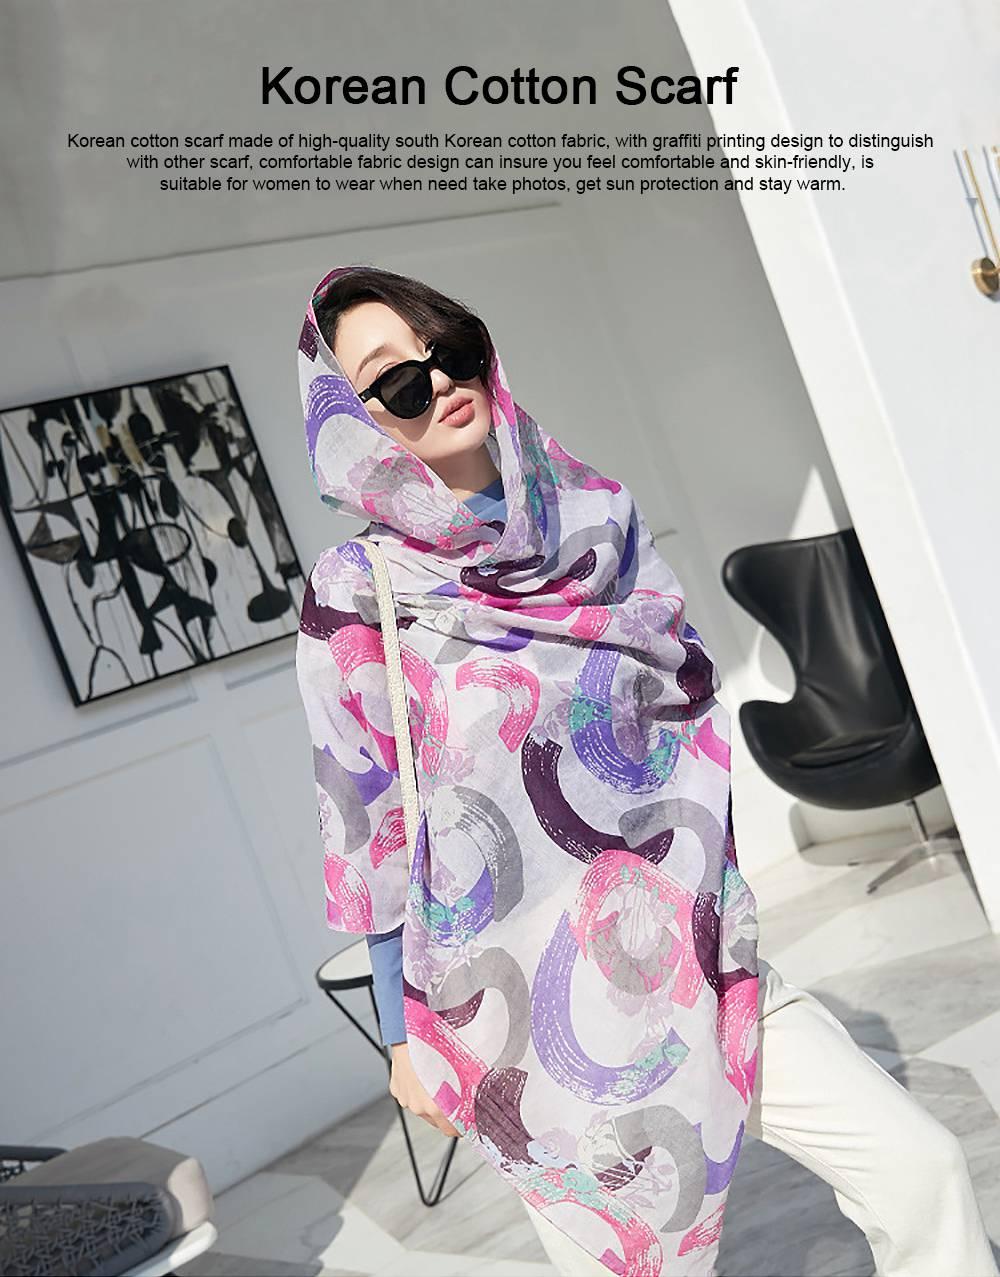 Korean Cotton Scarf for Women, Graffiti Pattern Larger Size Shawl, Multi-function Wide Range Printing Scarf 0